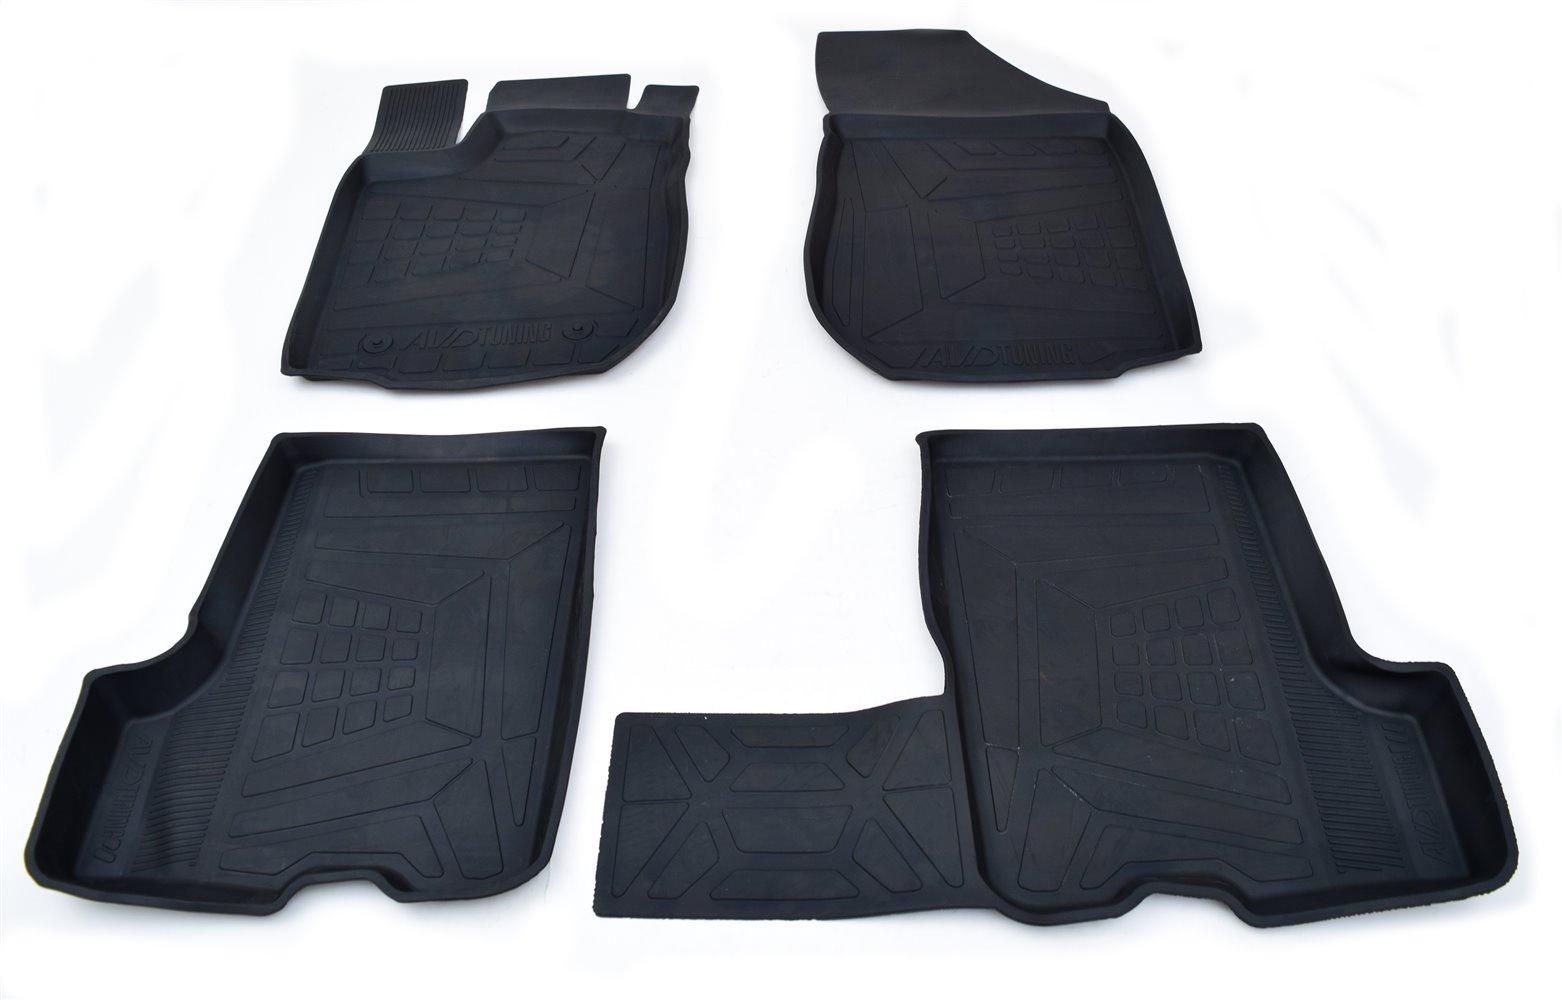 Коврики салона резиновые с бортиком для ВАЗ Приора (2007-) adrplr0231 коврики салона avtodriver для mercedes benz e klasse w212 2007 adravg155 резиновые с бортиком черный